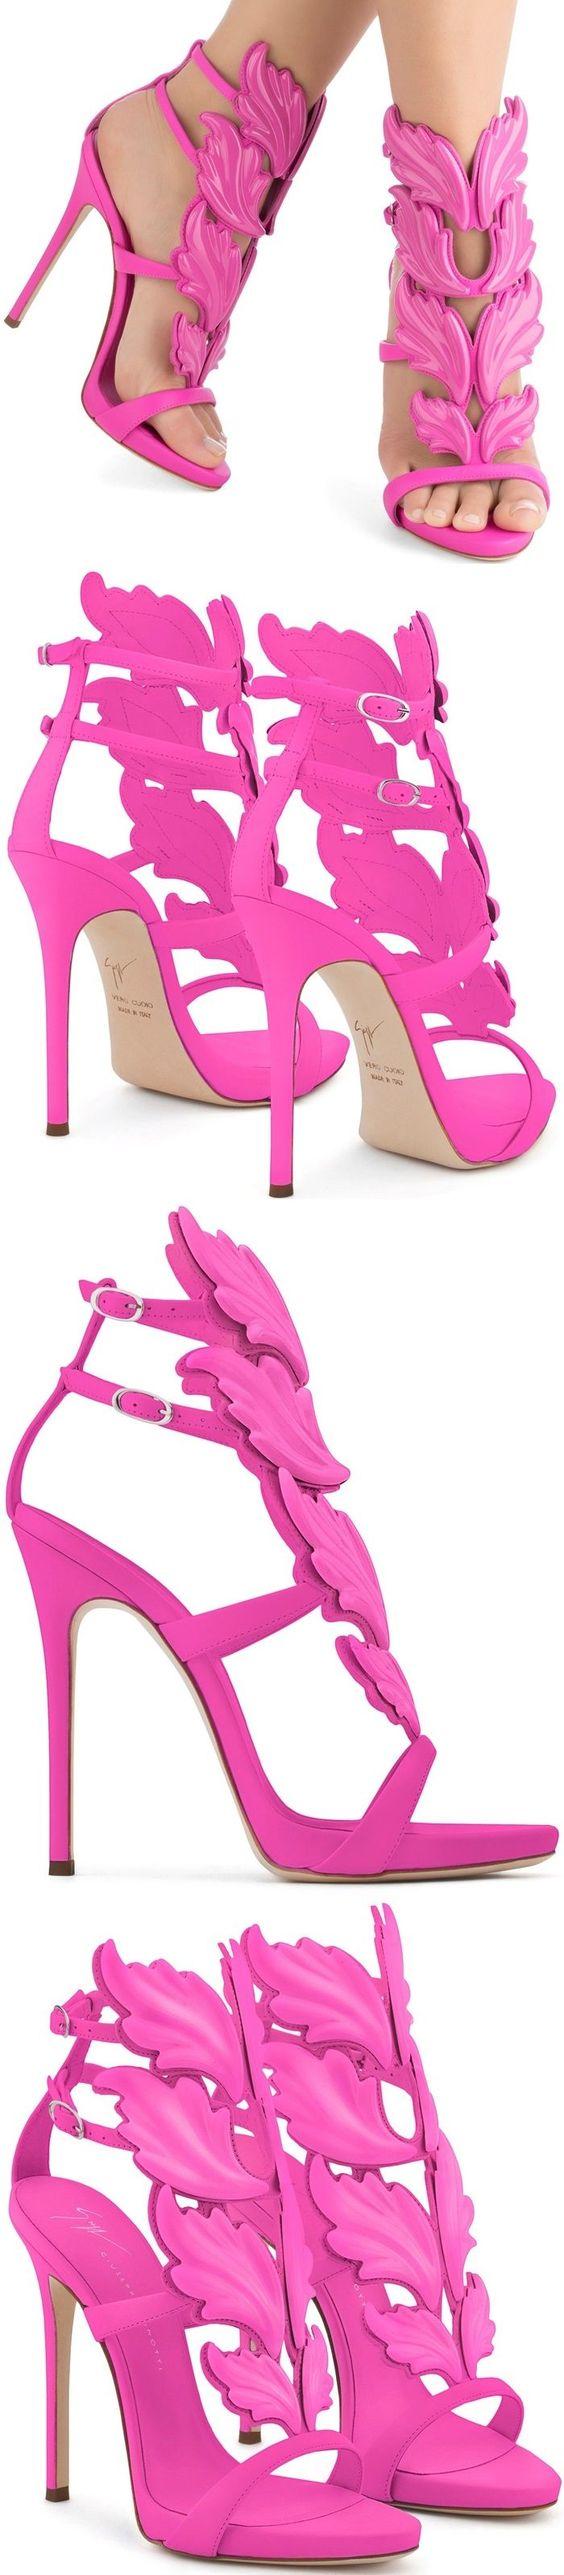 موديلات أحذية جديدة باللون الوردي حذاء-ورق-شج